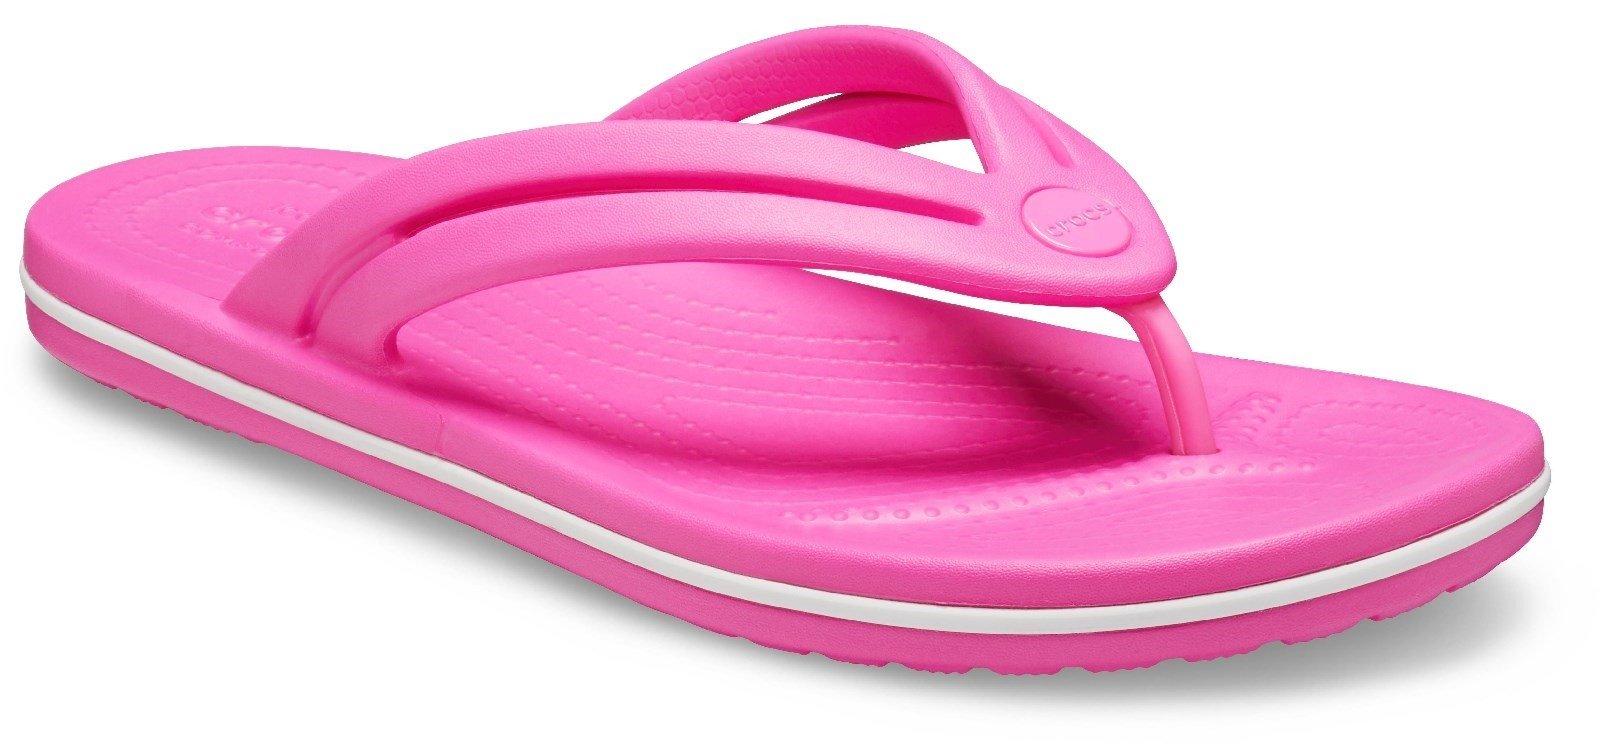 Crocs Women's Crocband Flip Flop Various Colours 30612 - Electric Pink 3